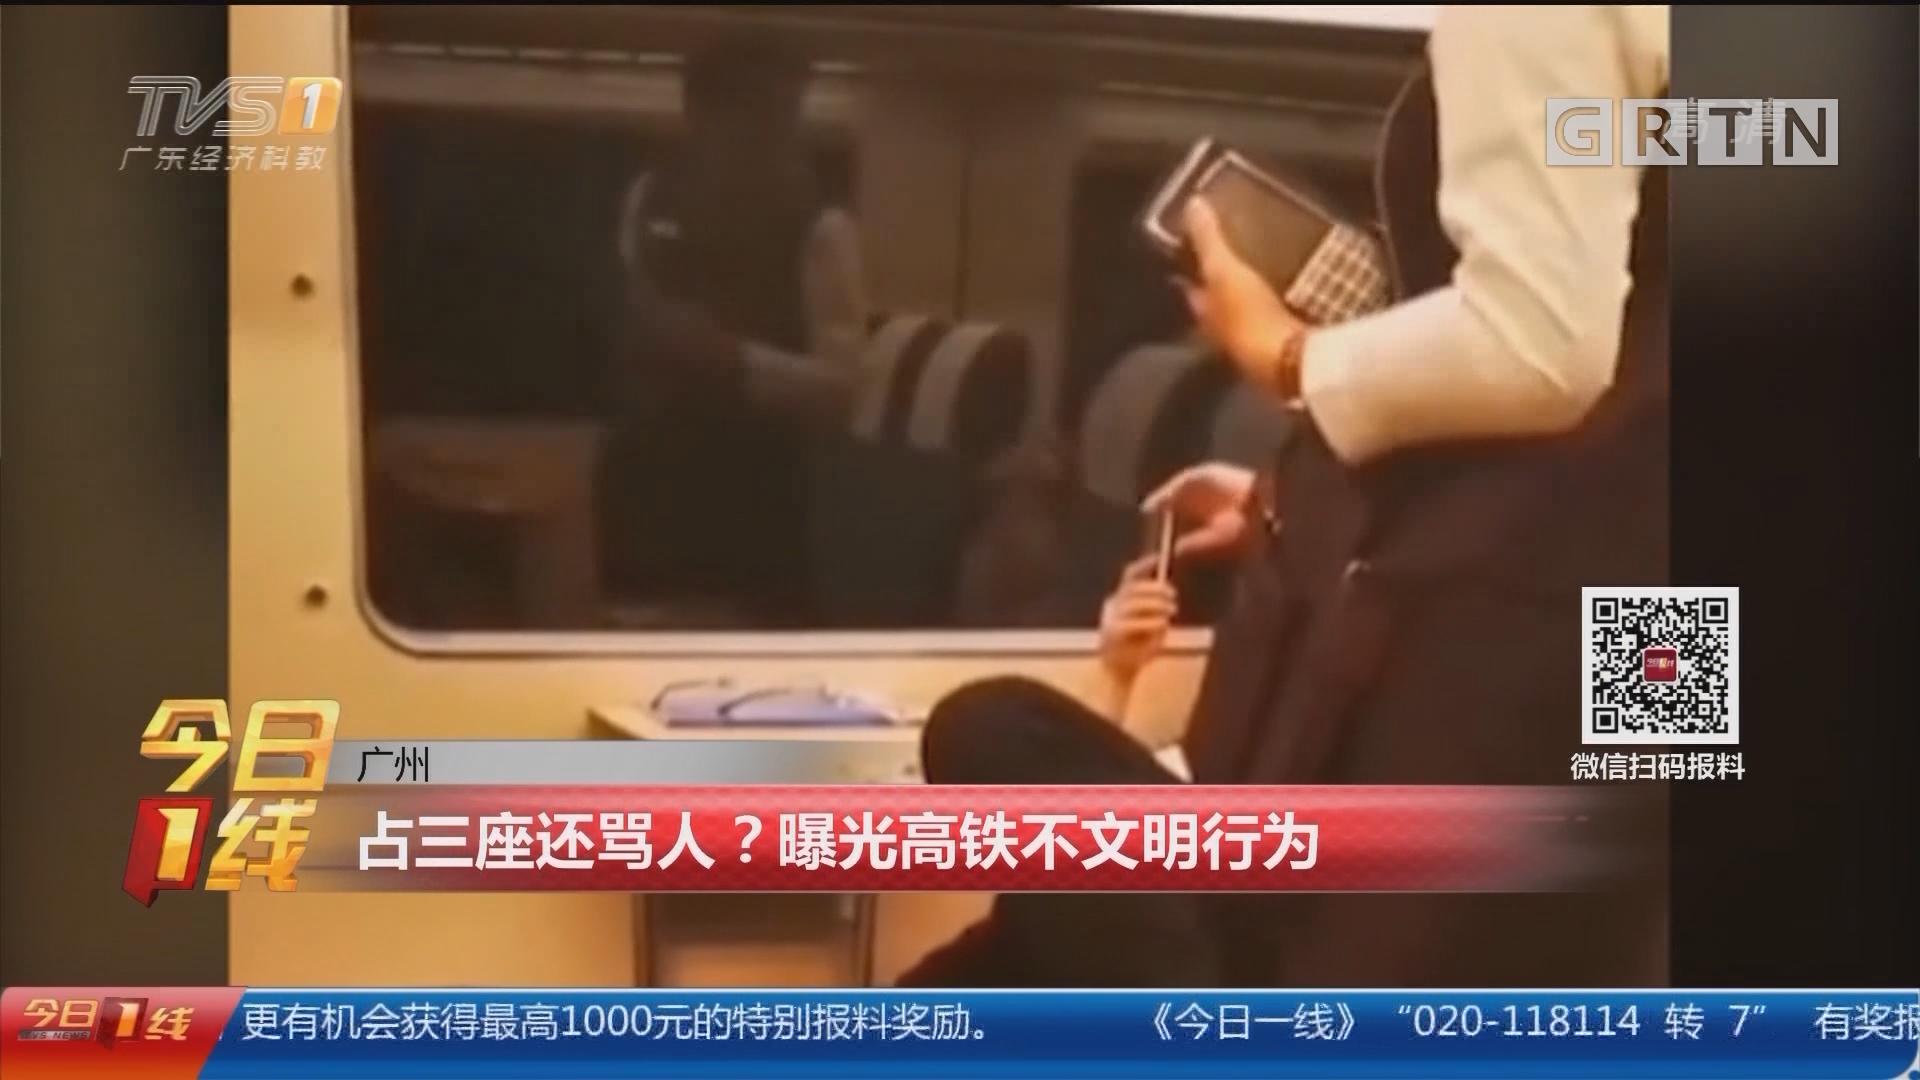 广州:占三座还骂人?曝光高铁不文明行为